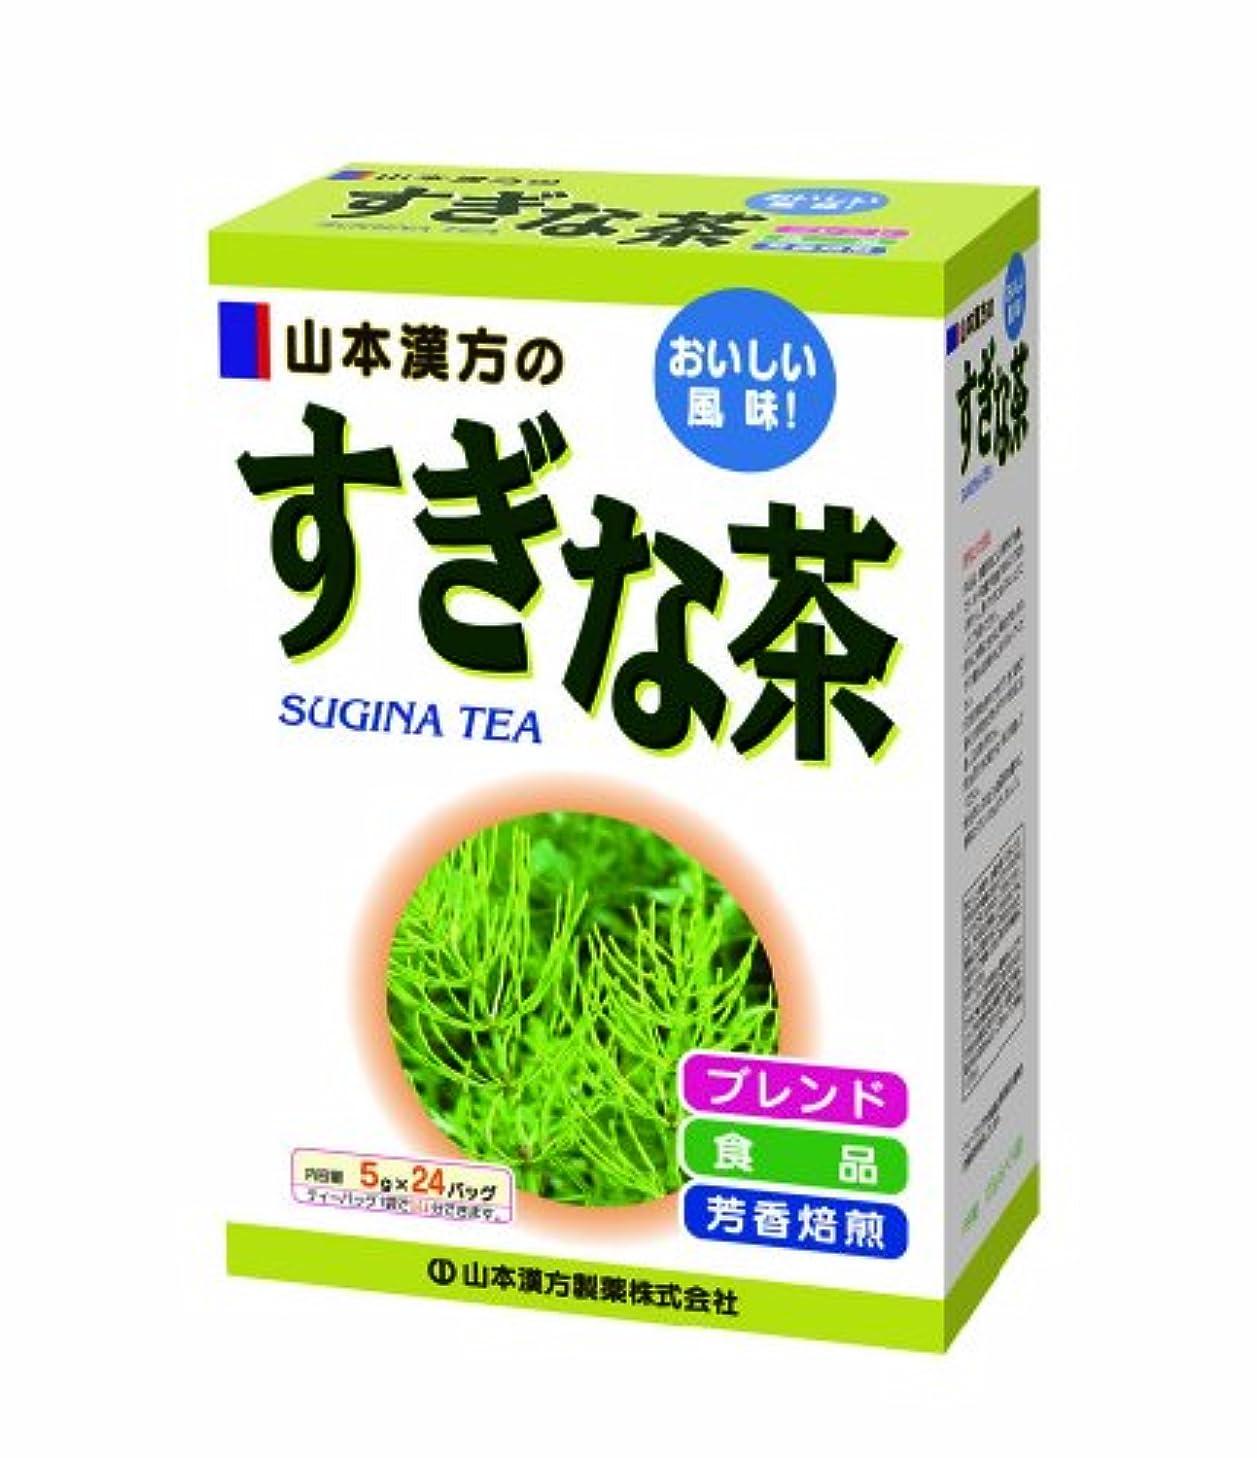 空いている洗剤落ち着く山本漢方製薬 すぎな茶 5gX24H